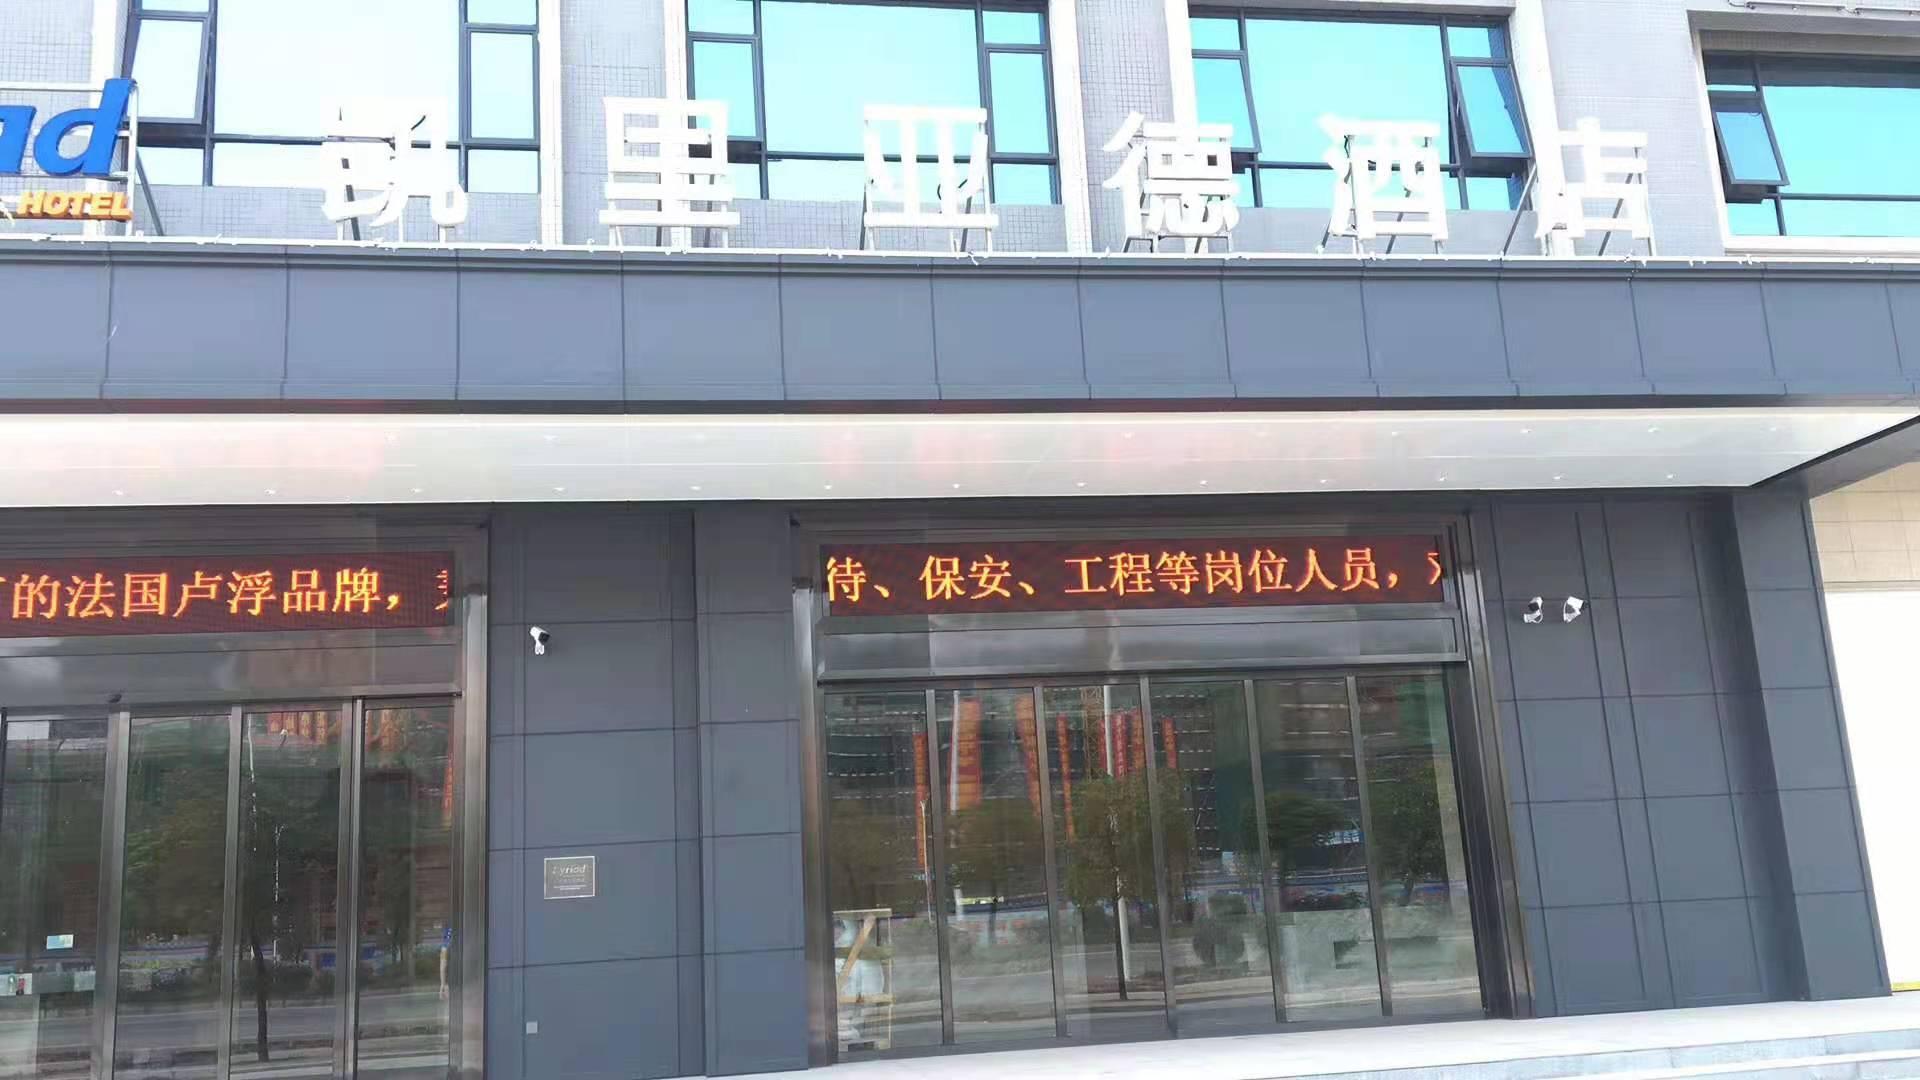 怎么选择一家靠谱的顺德区除甲醛公司-- 广州豪航环保